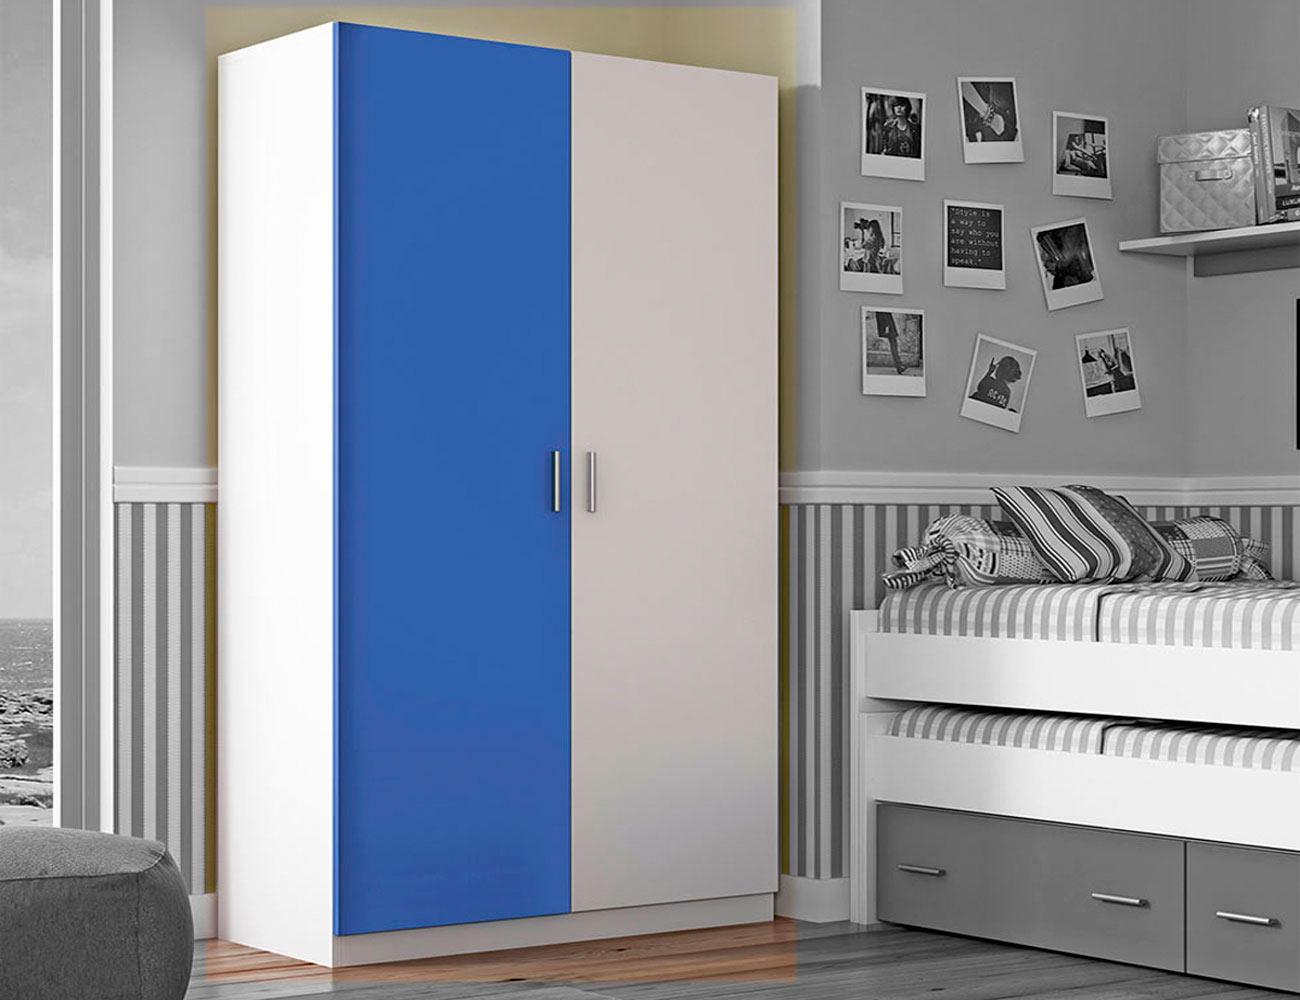 Armario 2 puertas blanco azul2